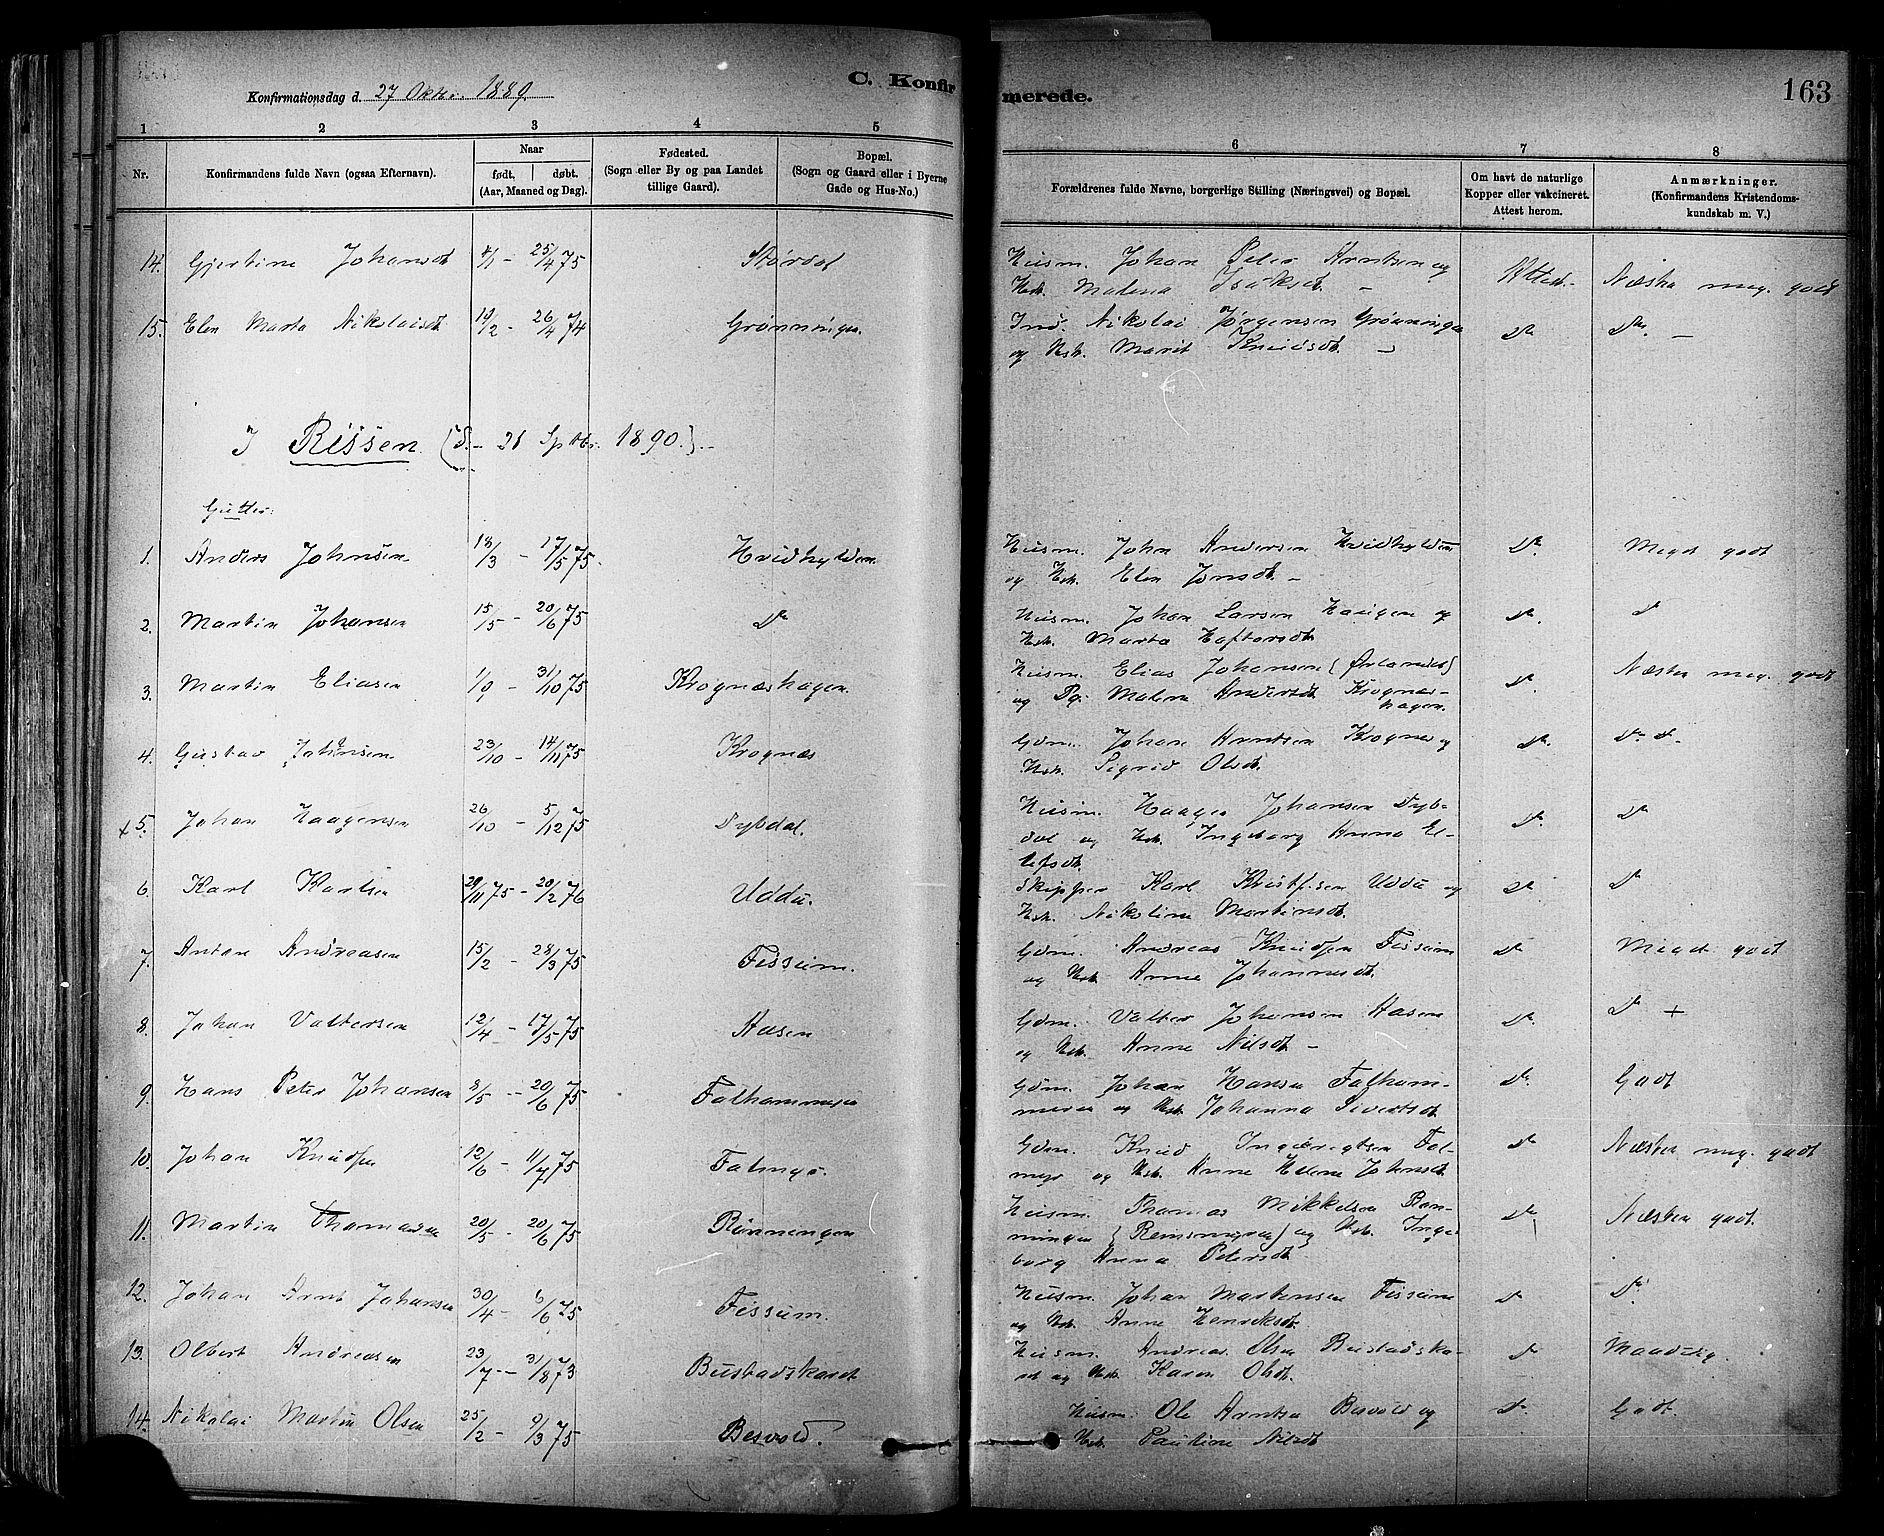 SAT, Ministerialprotokoller, klokkerbøker og fødselsregistre - Sør-Trøndelag, 647/L0634: Ministerialbok nr. 647A01, 1885-1896, s. 163